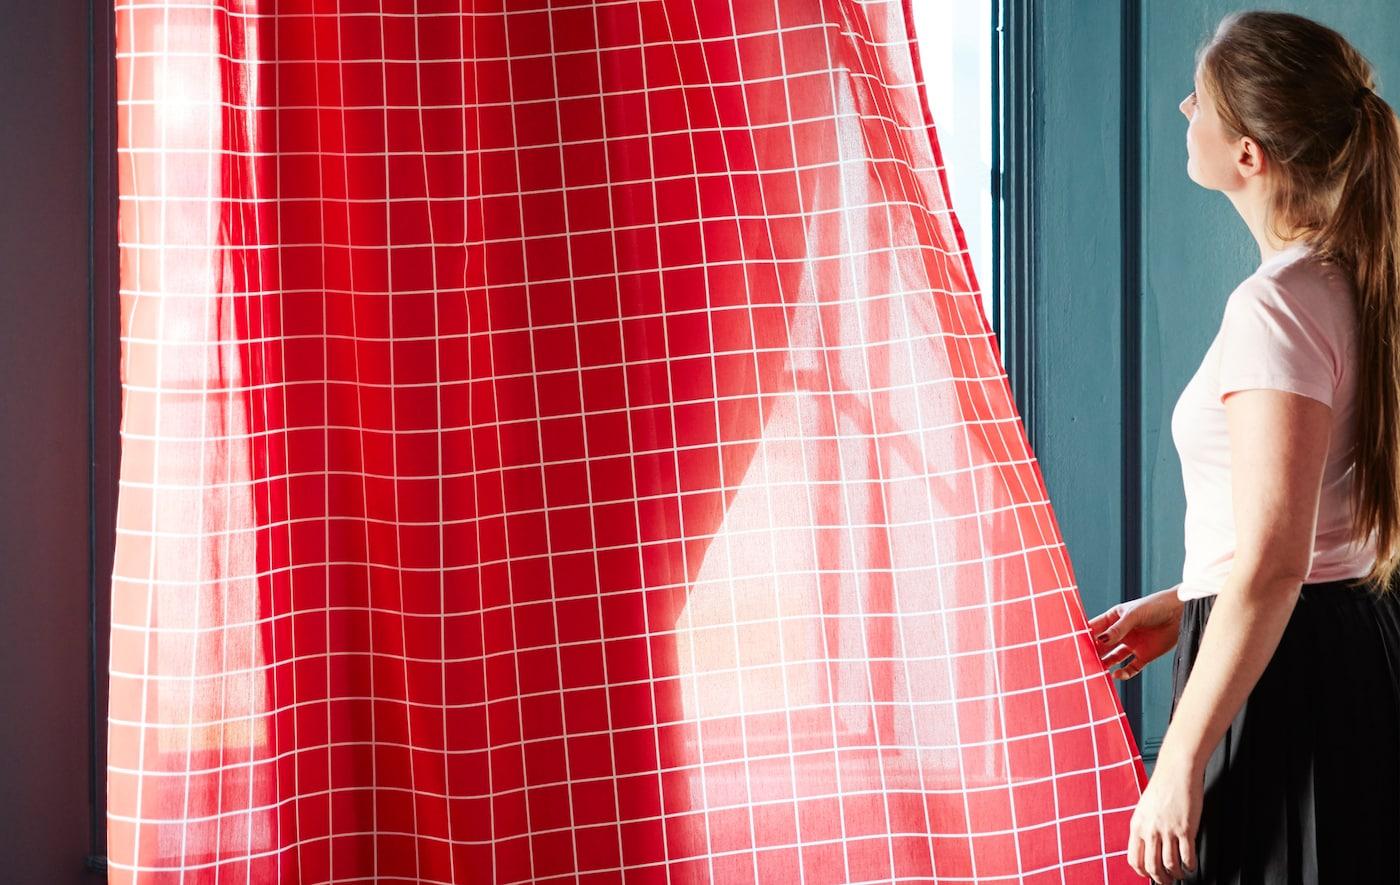 Rote ROSALILL Vorhänge von IKEA mit weißem Muster lassen warmes Sonnenlicht durchscheinen.